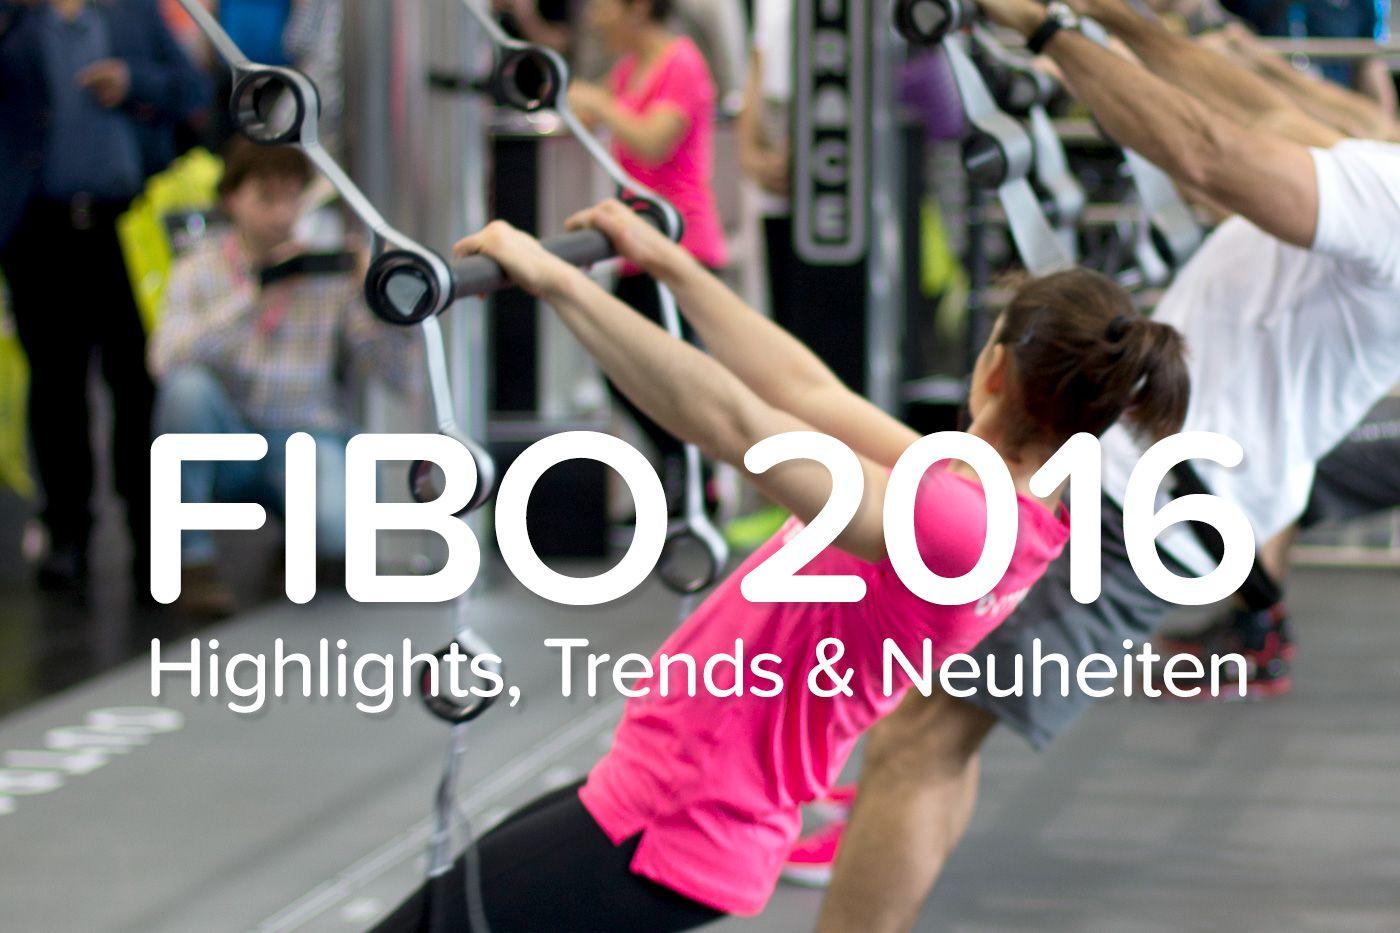 #FIBO 2016 – Highlights, Trends & Neuheiten der #Fitnessbranche  Wissenswertes zur international größten Messe für #Fitness, #Wellness und #Gesundheit auf dem comuvo Blog zusammengefasst  #highlights #trends #fitnessblogger #fitnessblog #fitnesstrends #leistungslust #functionalfitness #groupfitn